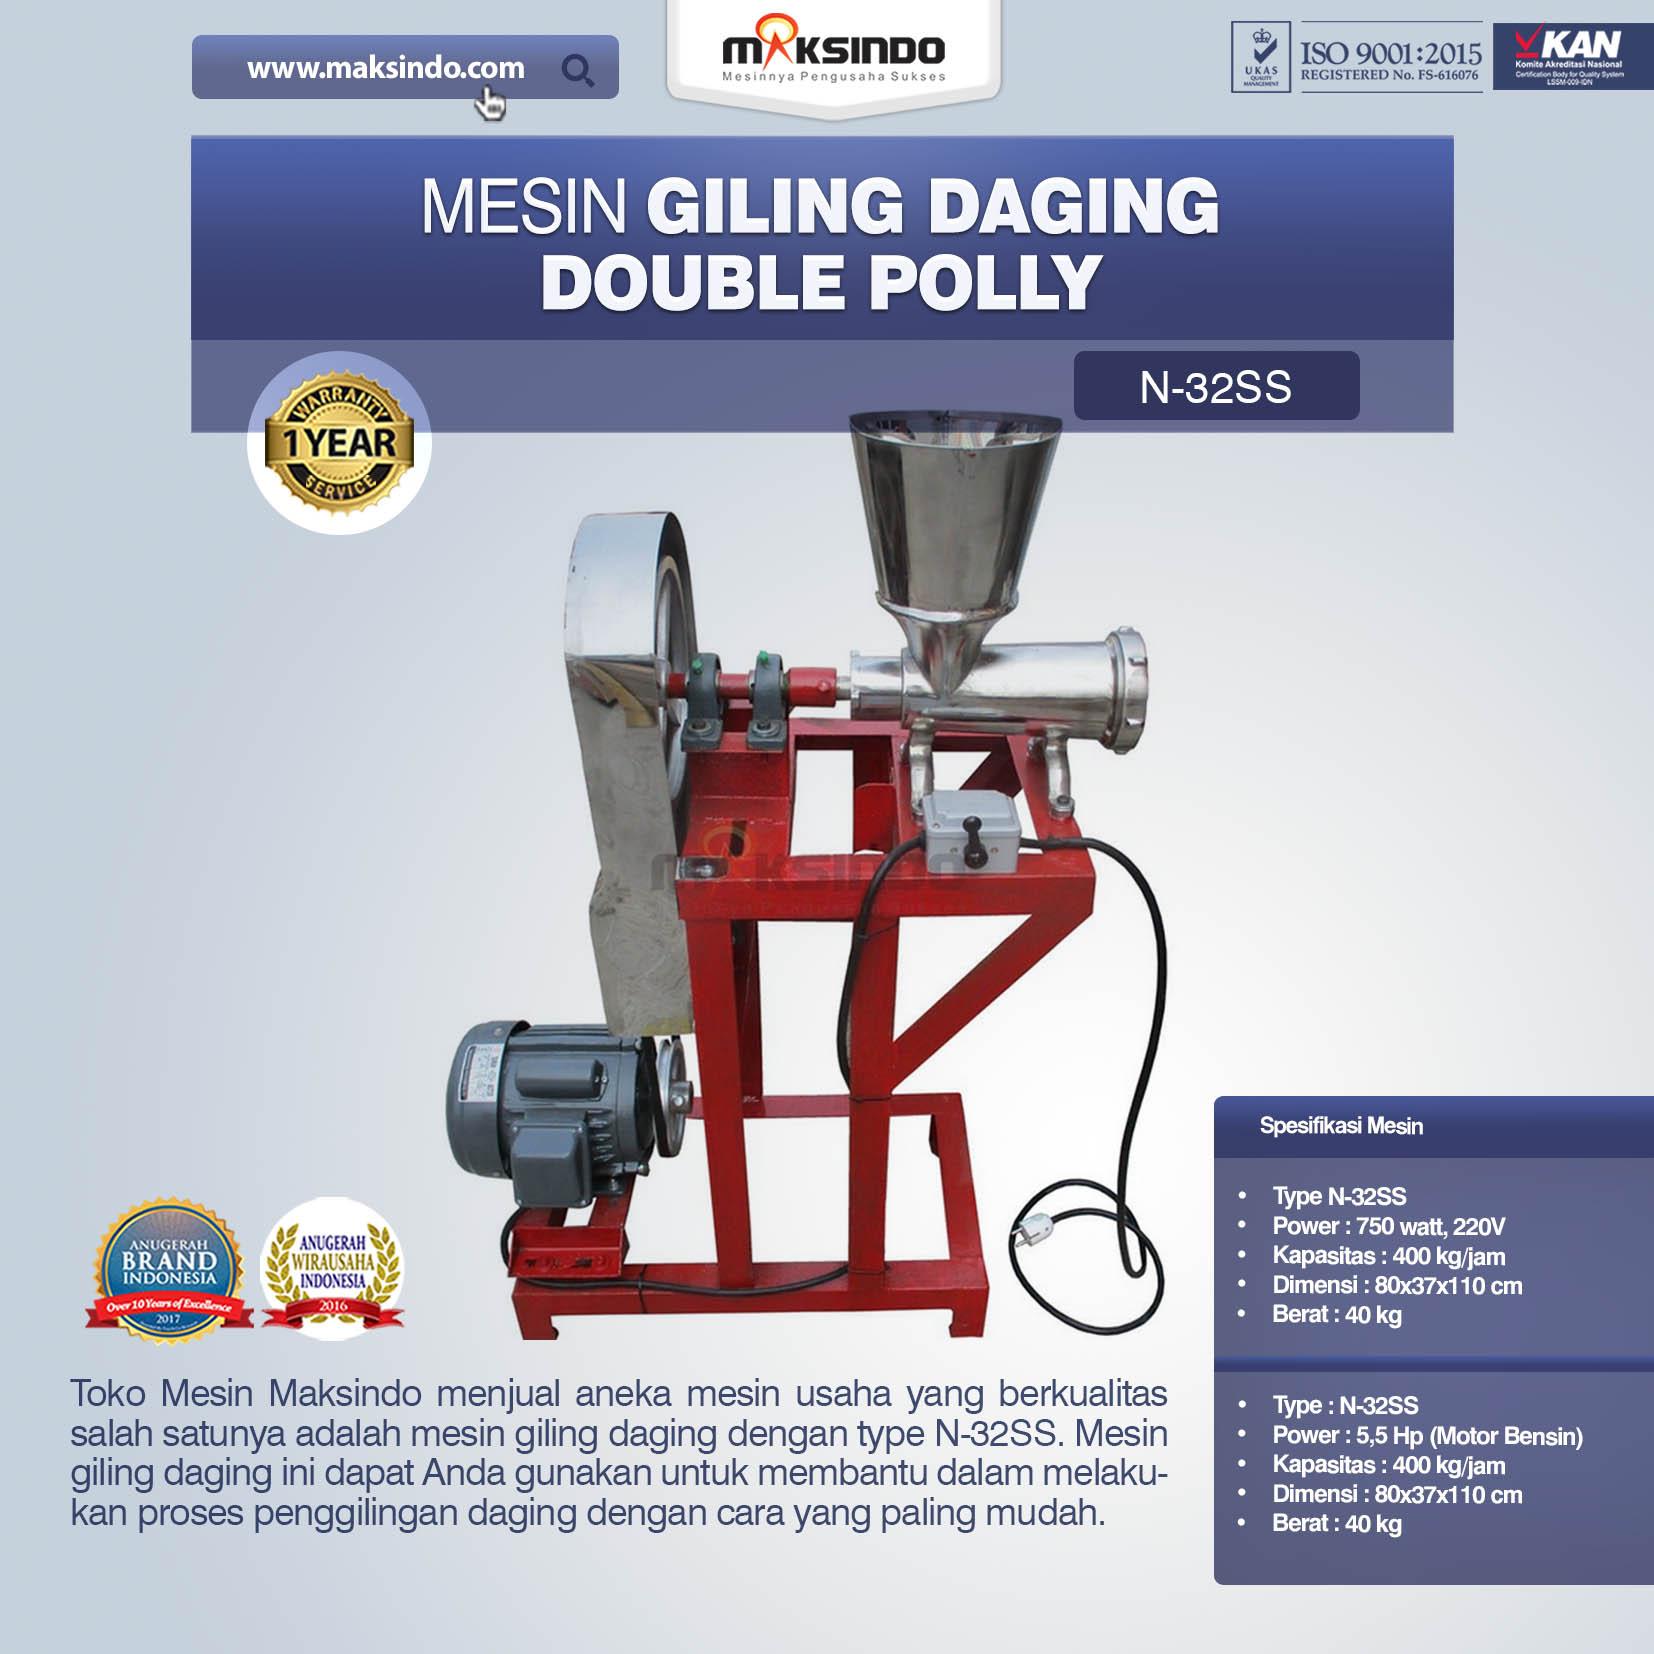 Jual Mesin Giling Daging Double Polly N-32SS di Pekanbaru